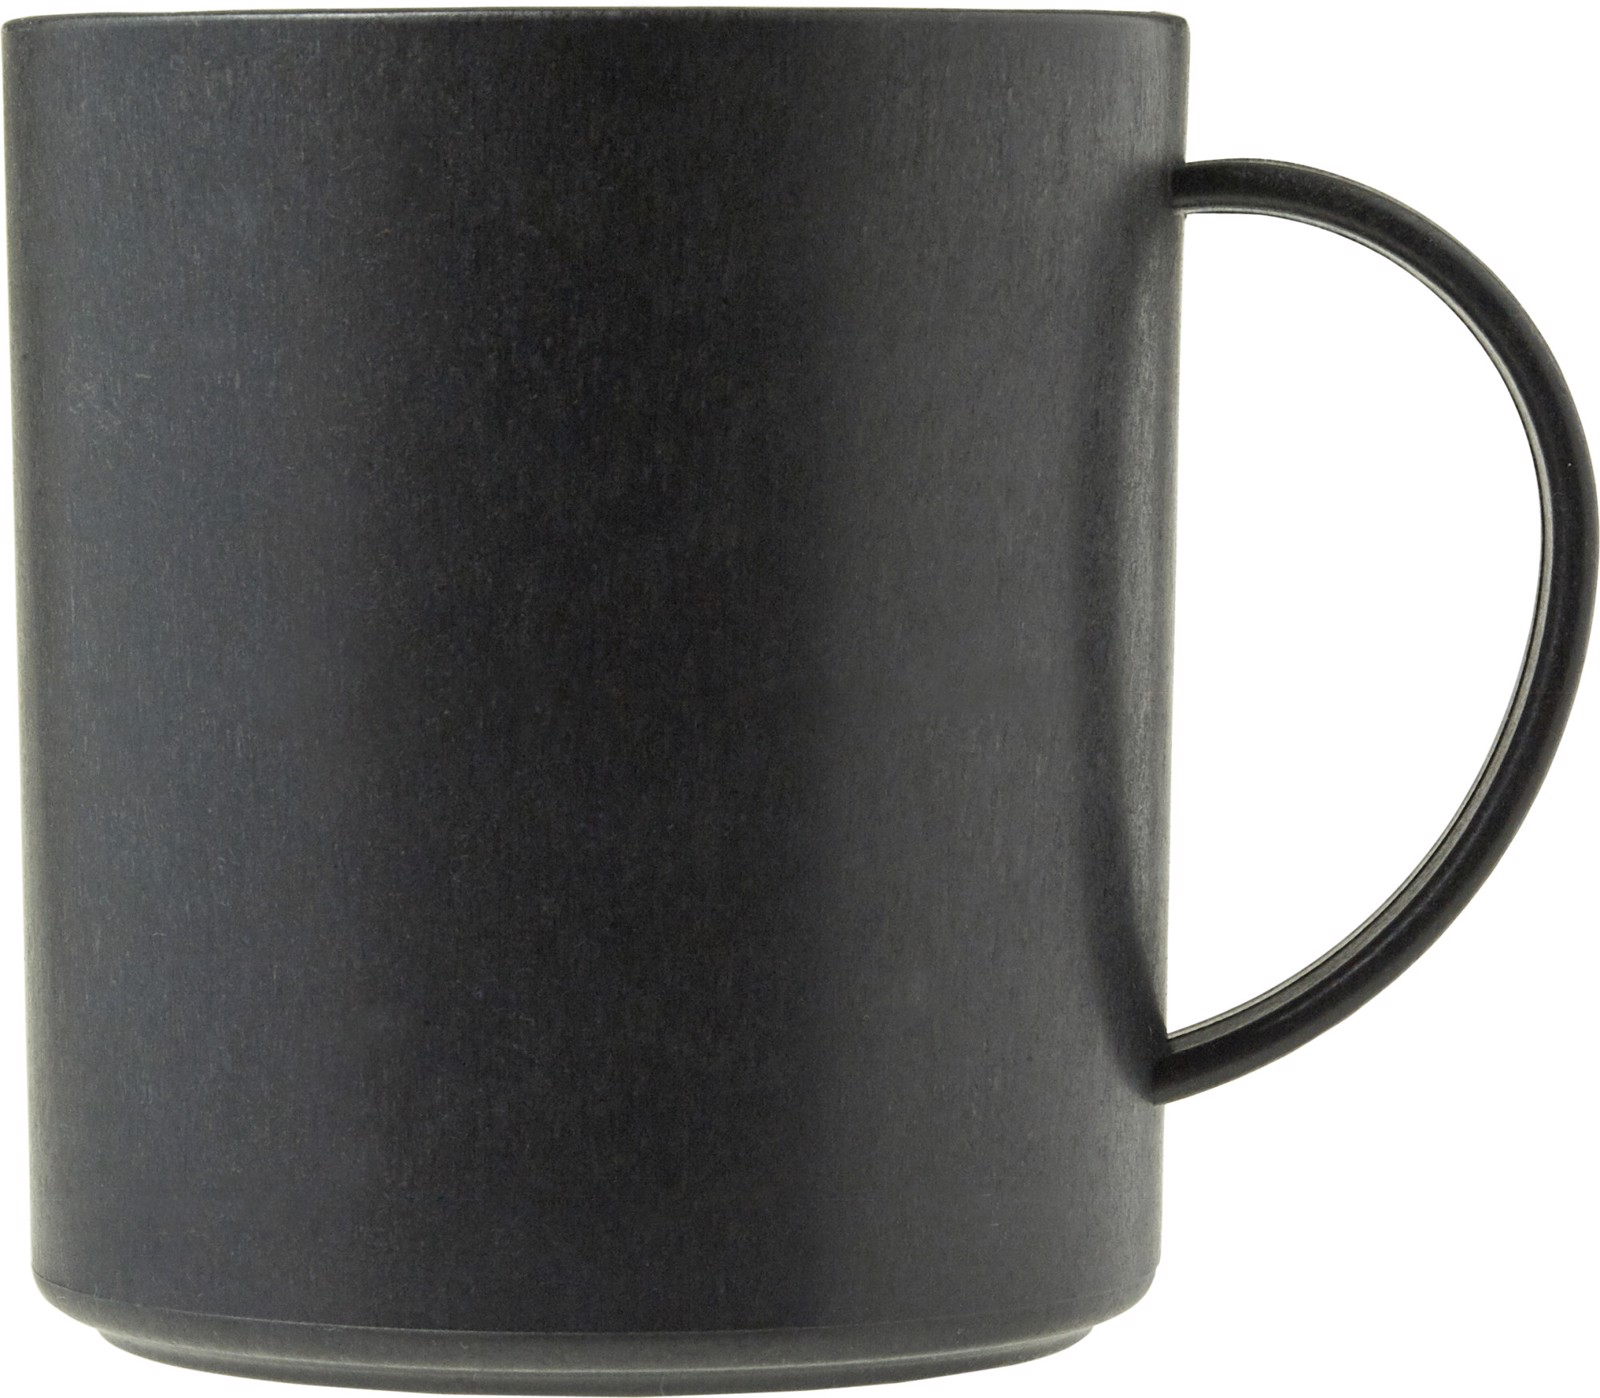 Bamboo fibre mug - Black